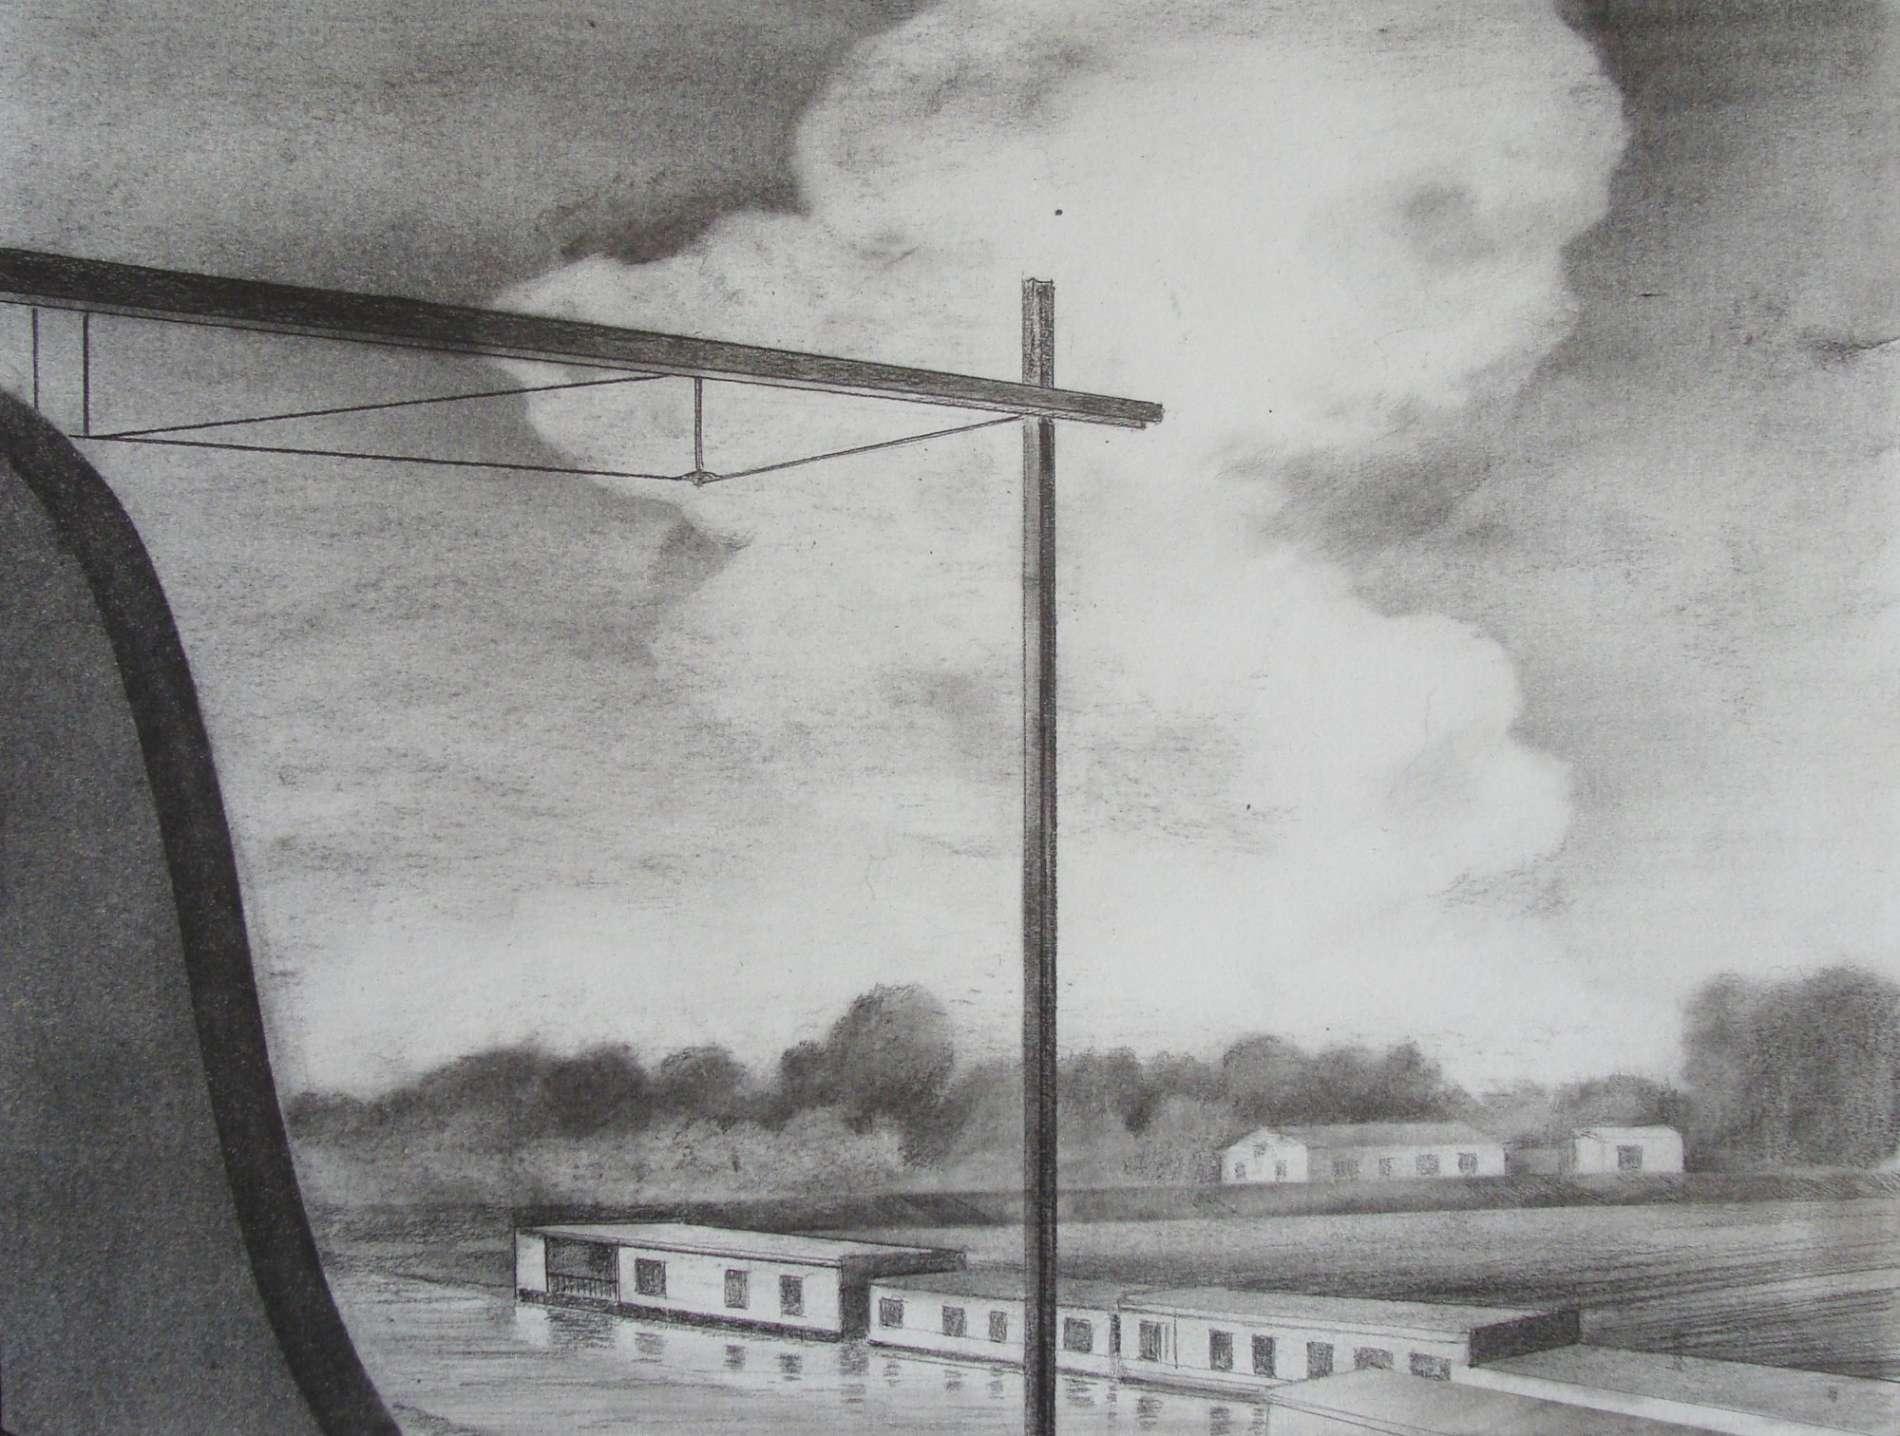 treinreis